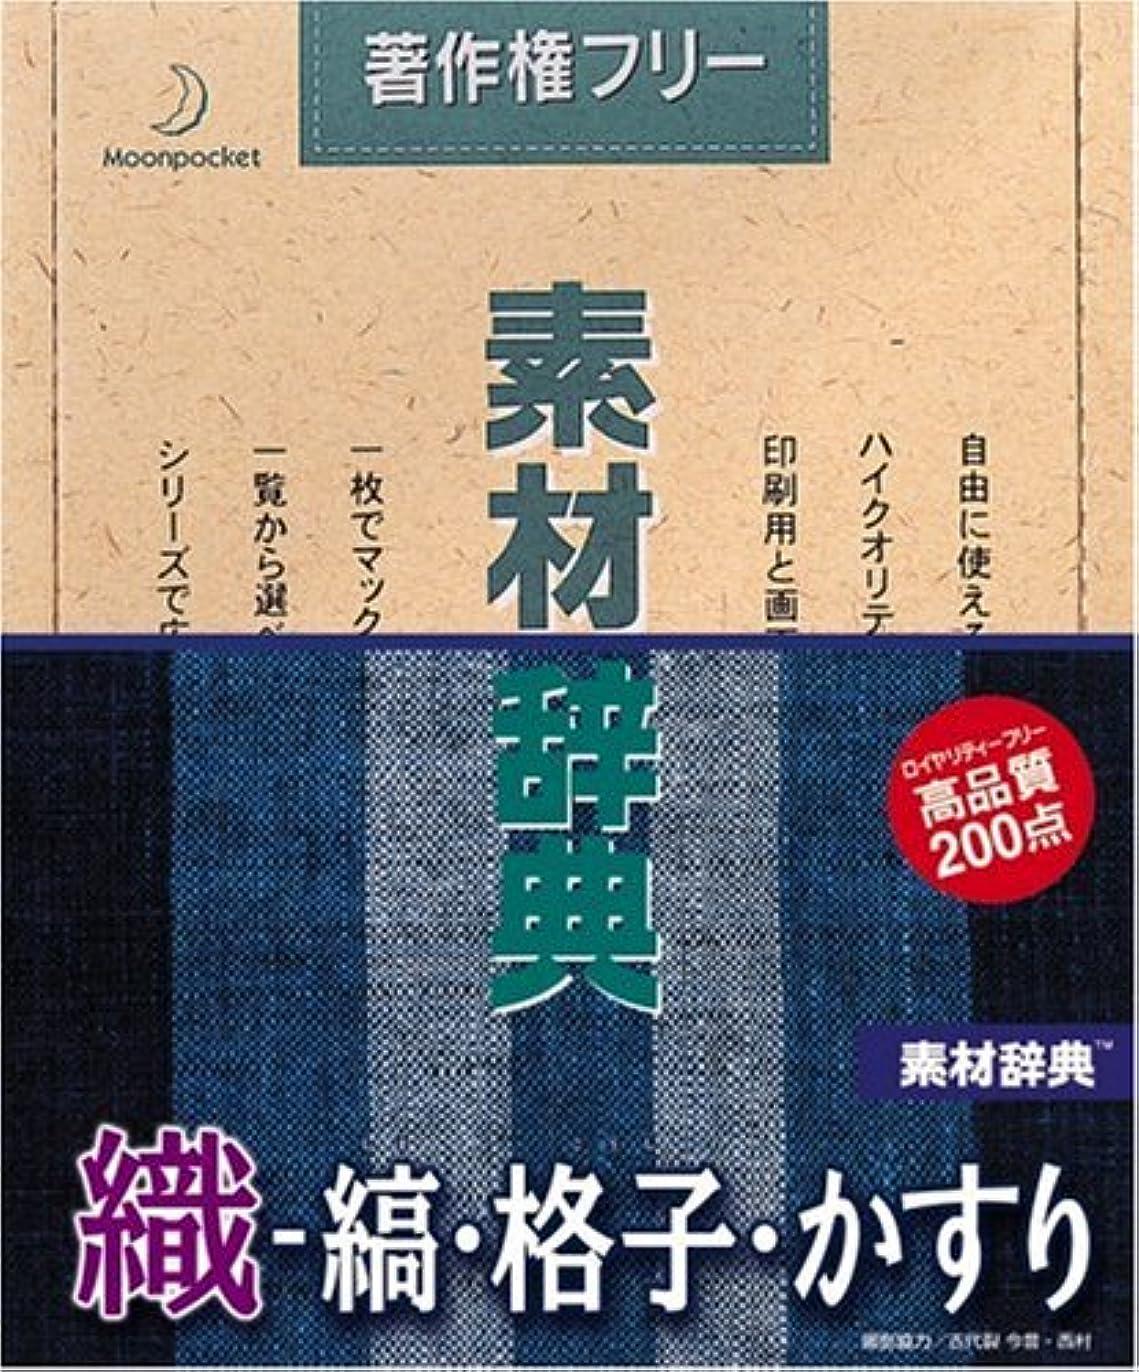 チャレンジベルト回転する素材辞典 Vol.52 織 - 縞?格子?かすり編